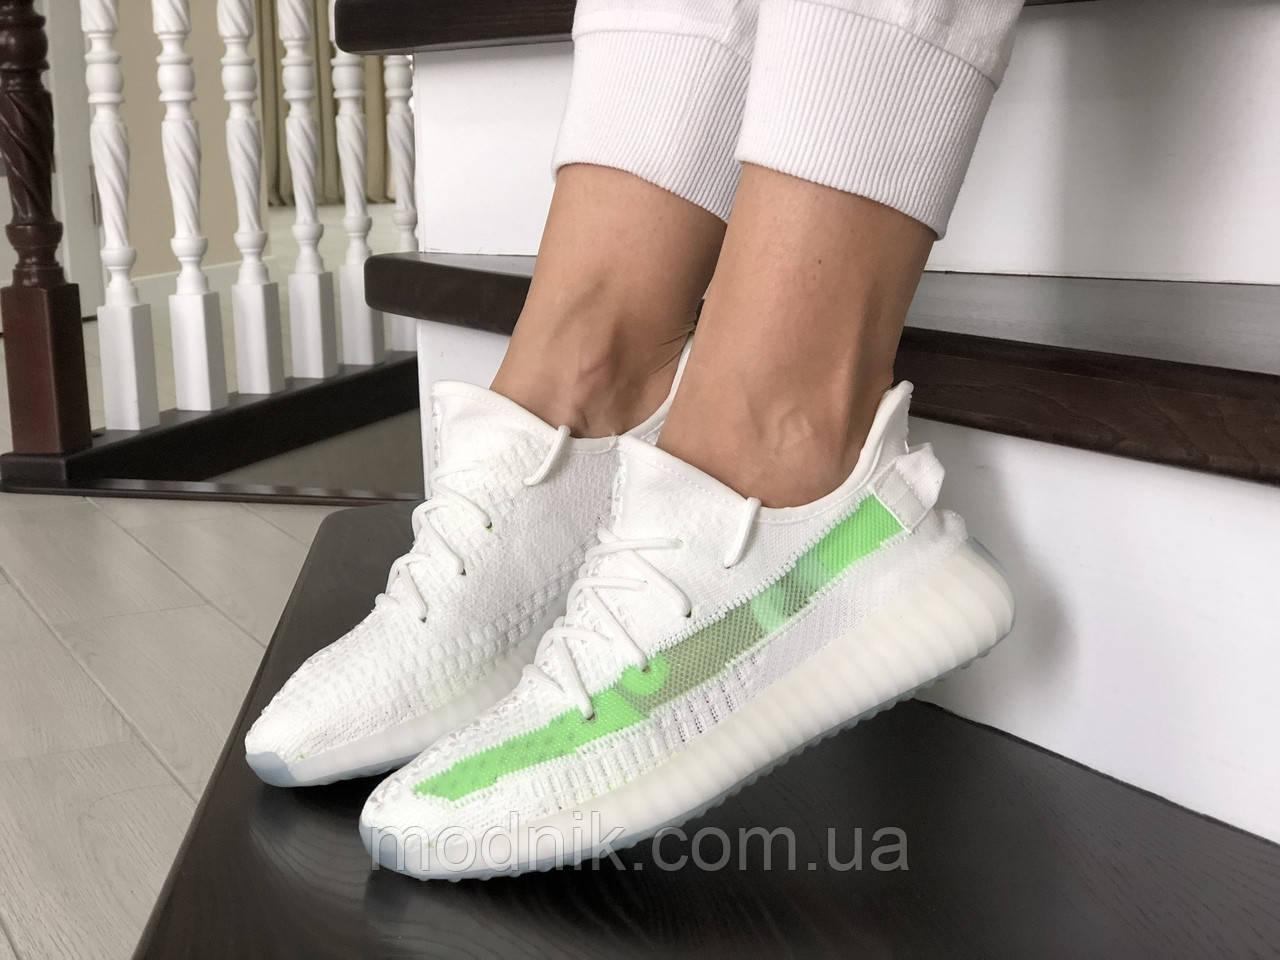 Женские кроссовки Adidas x Yeezy Boost (бело-зеленые)